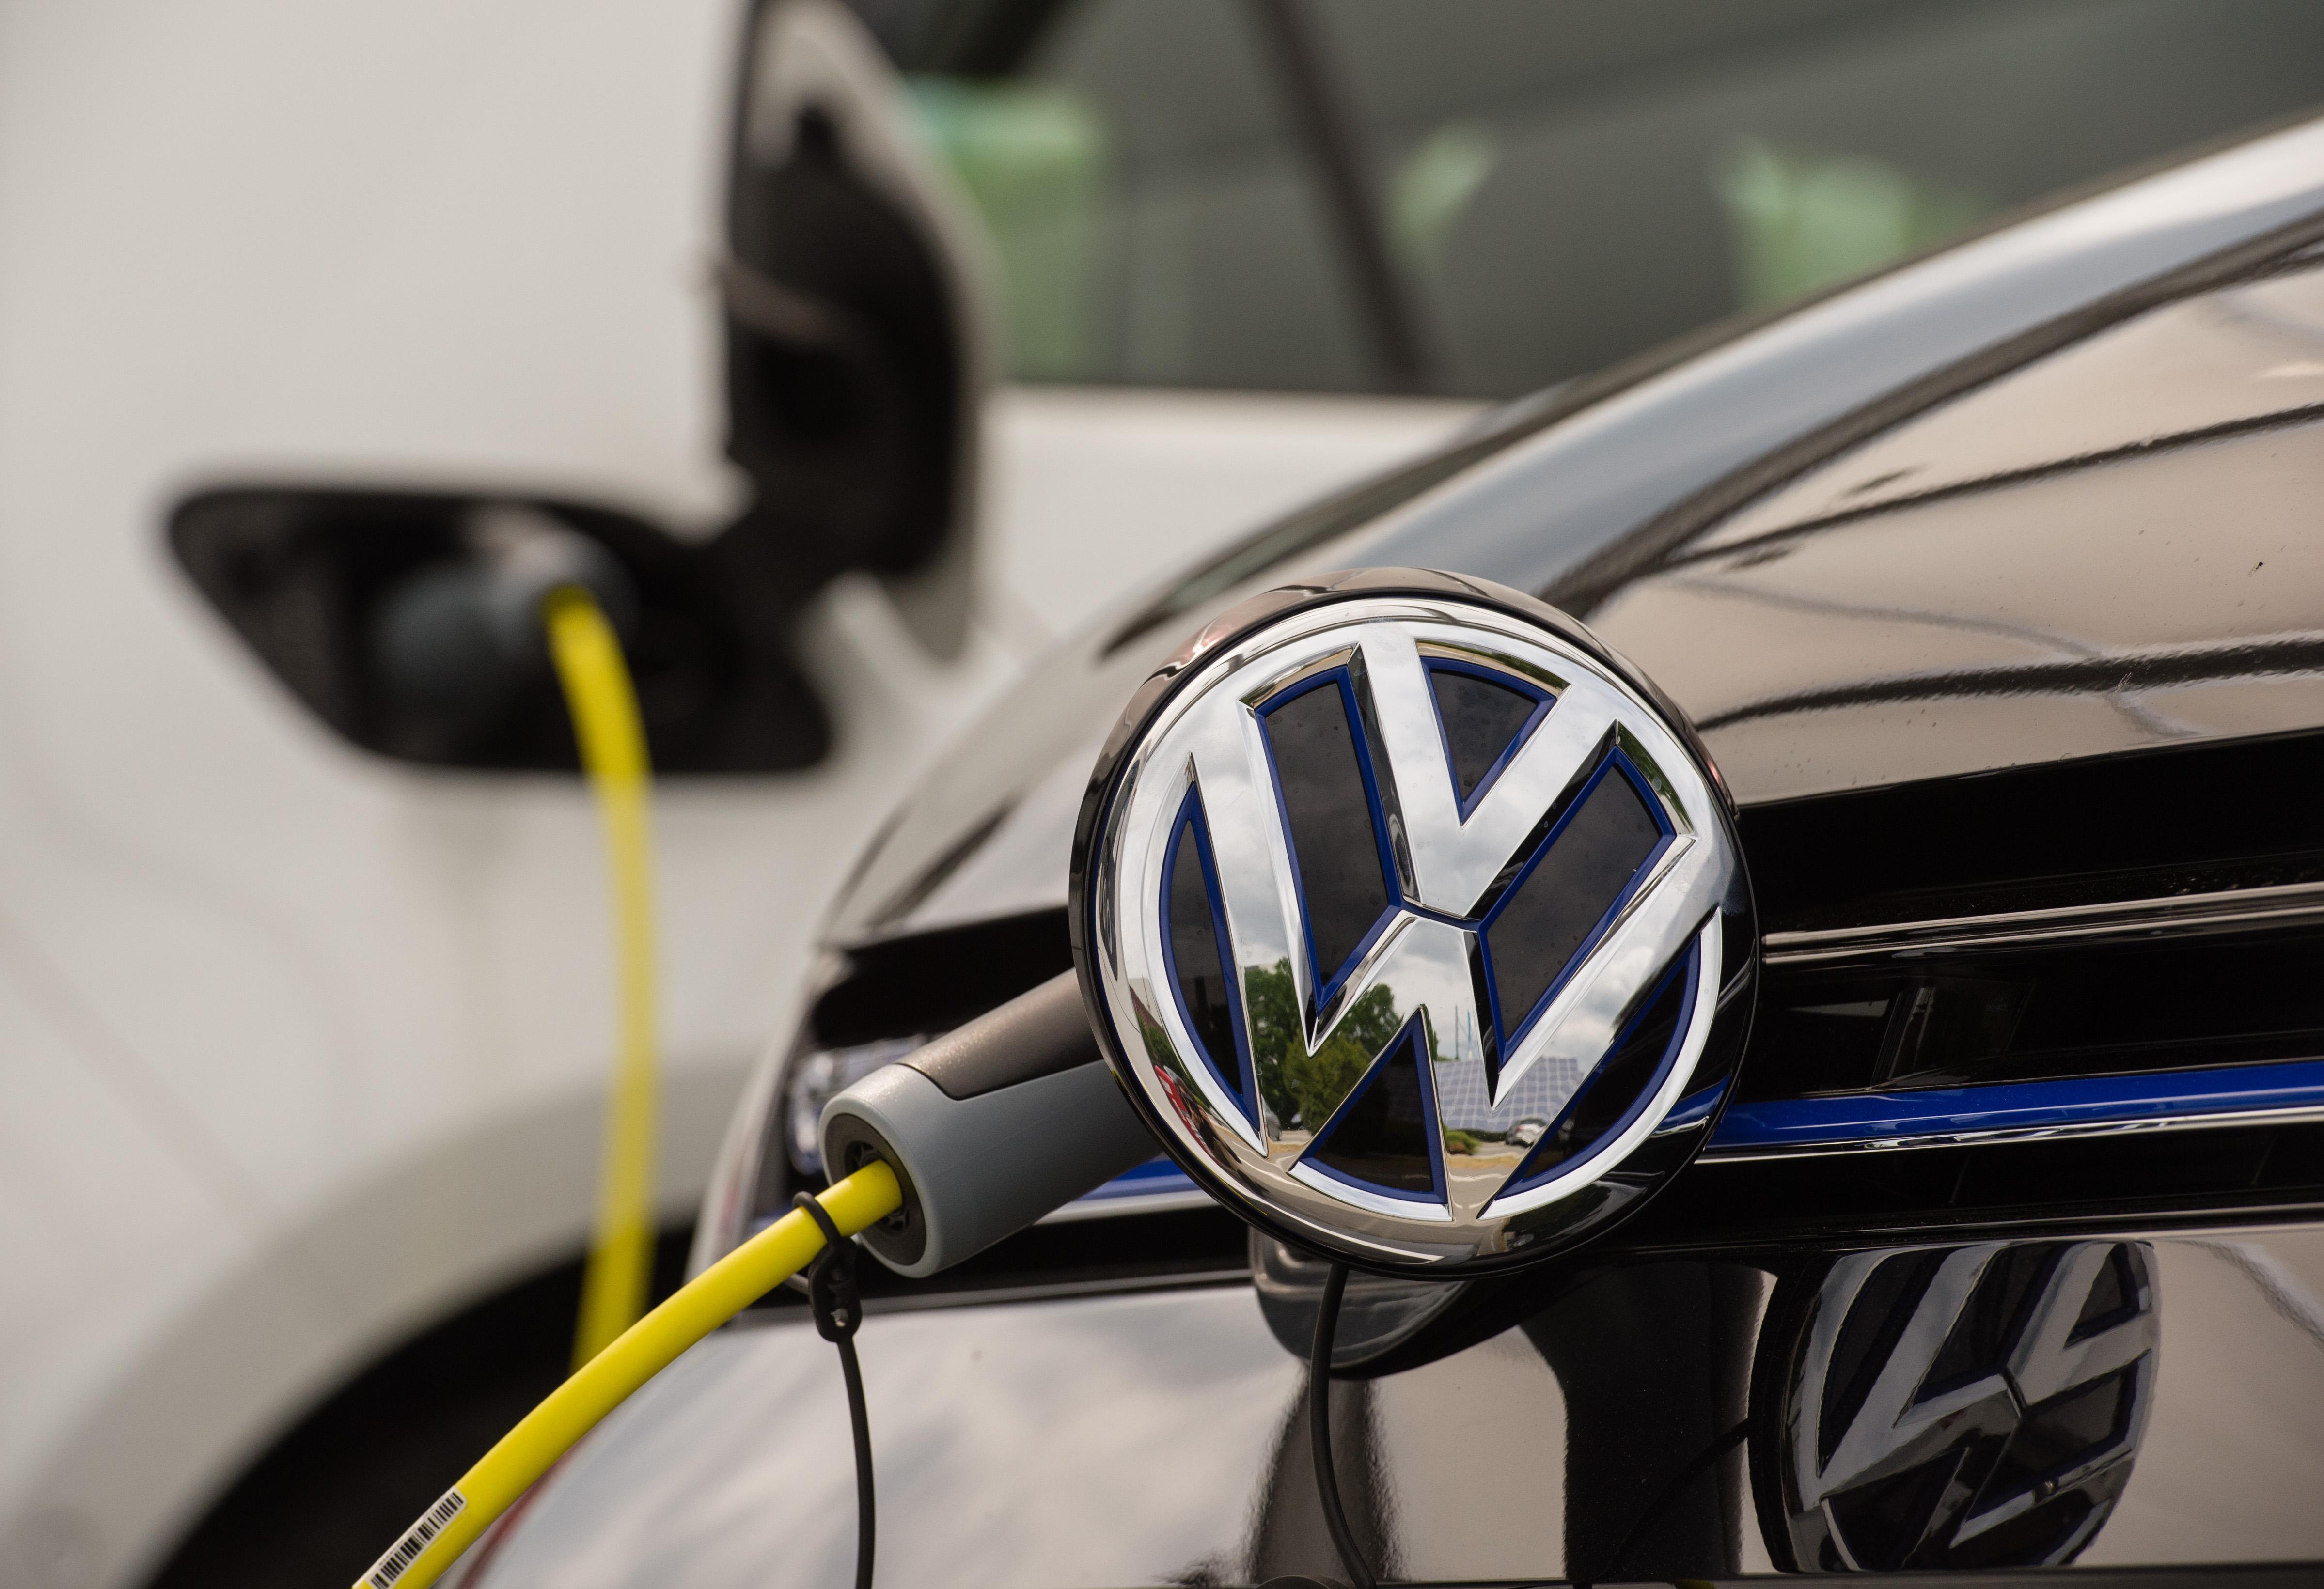 Dízelbotrány: vádat emeltek a Volkswagen volt vezetője ellen